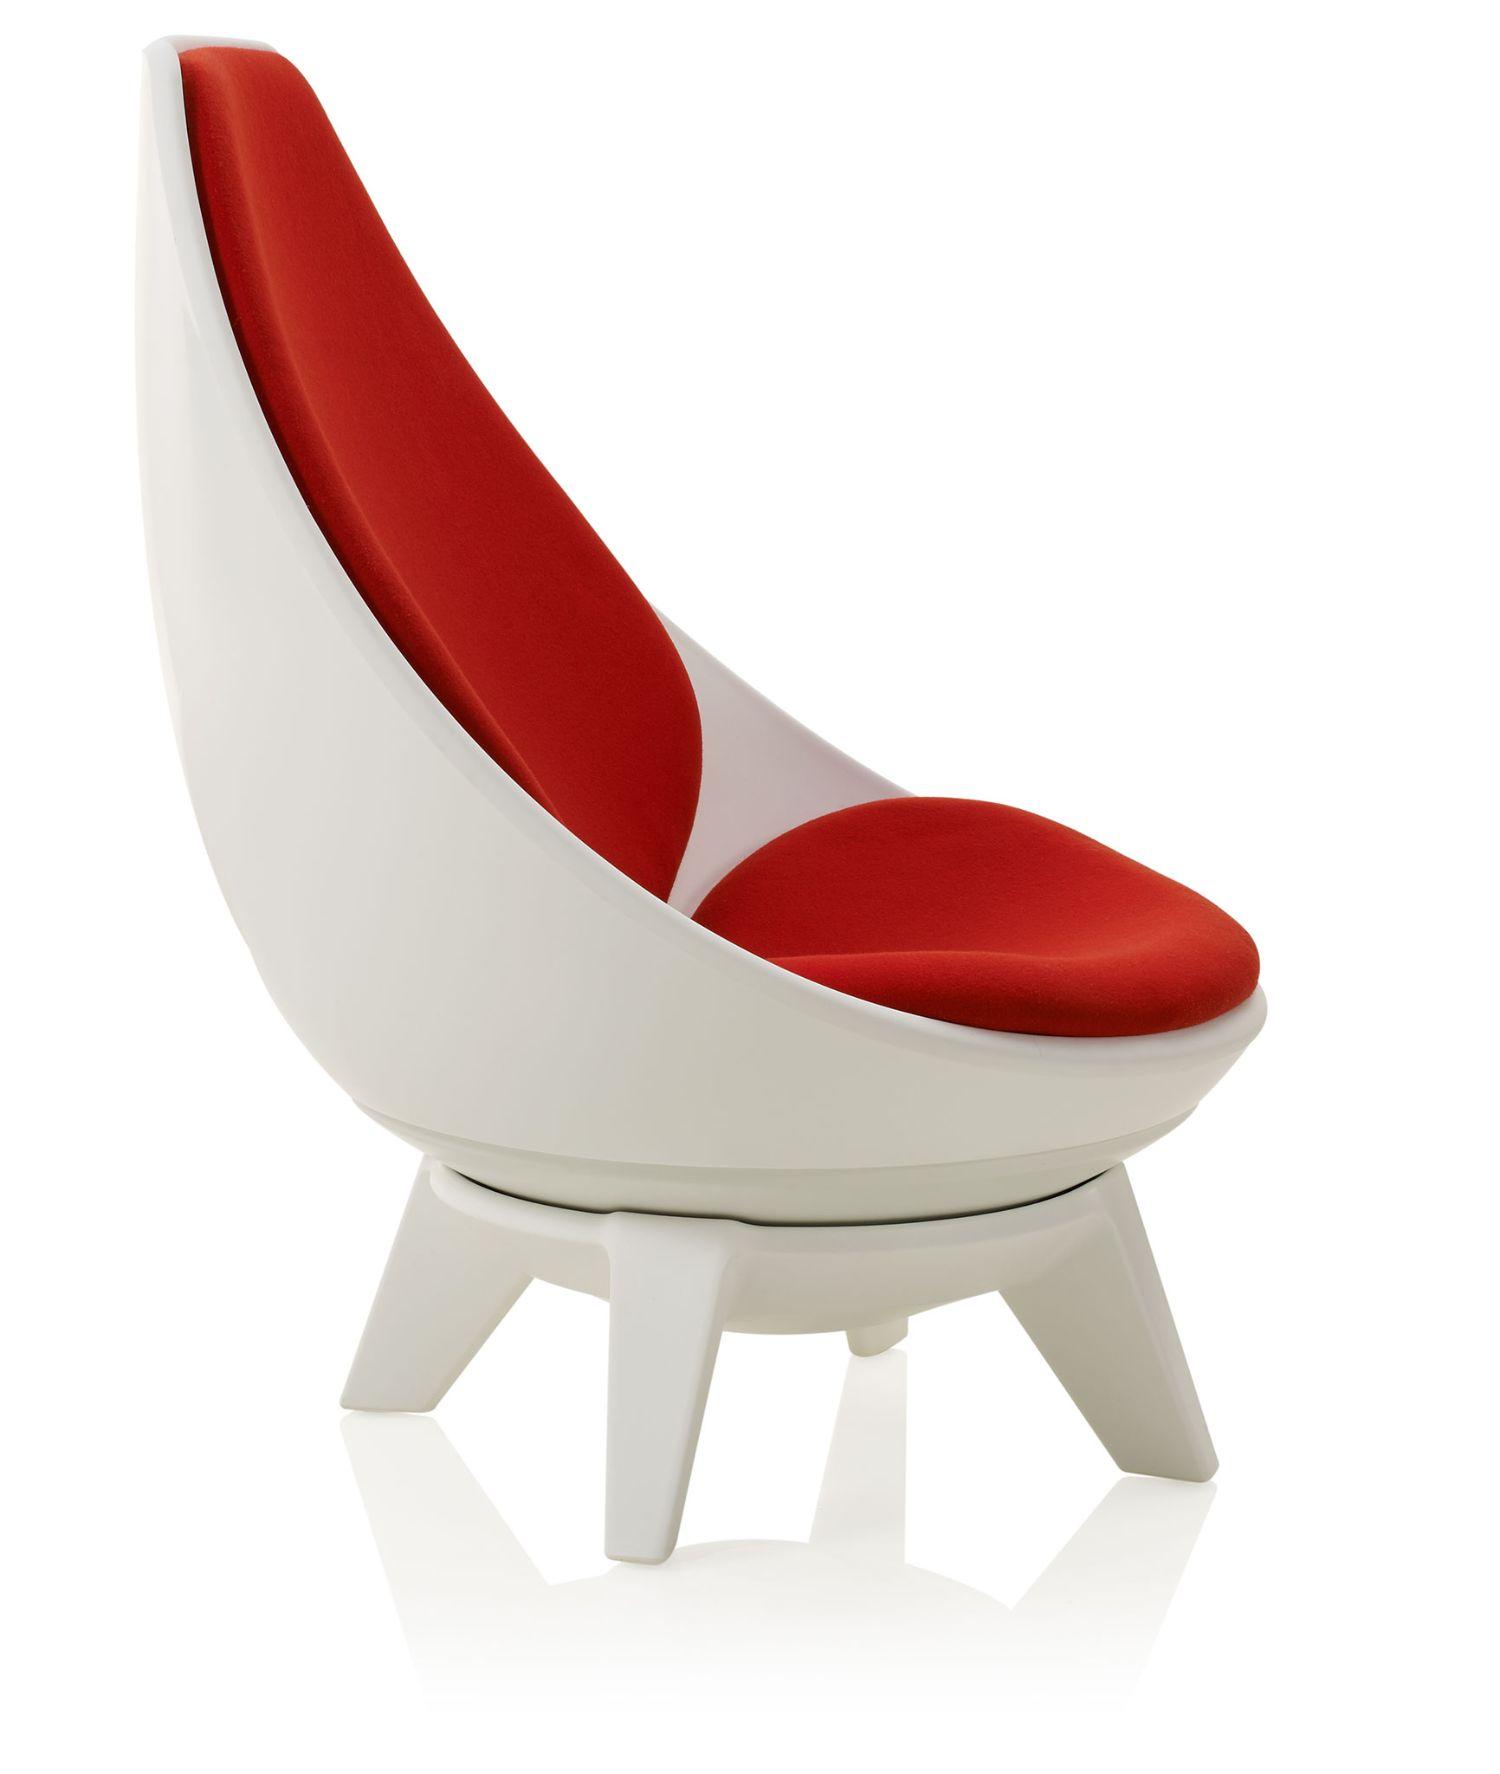 ki sway chair side profile